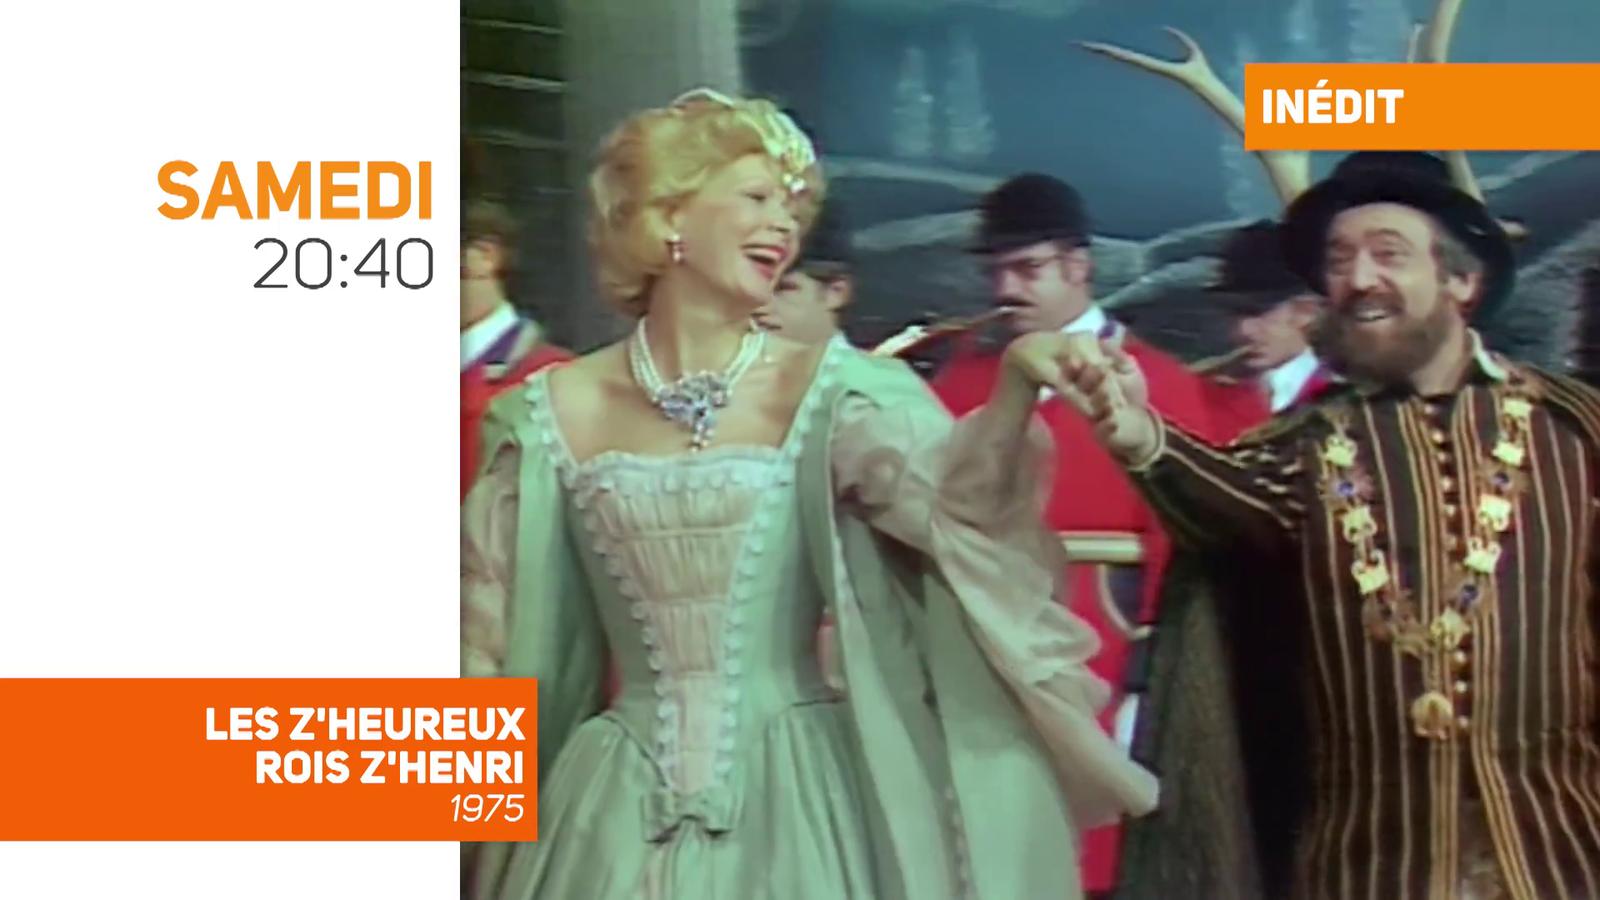 """""""Les Z'heureux Rois Z'Henri"""", avec Roger Pierre et Jean-Marc Thibault, jamais revue depuis 1975, sur TV Melody, samedi soir à 20h40"""